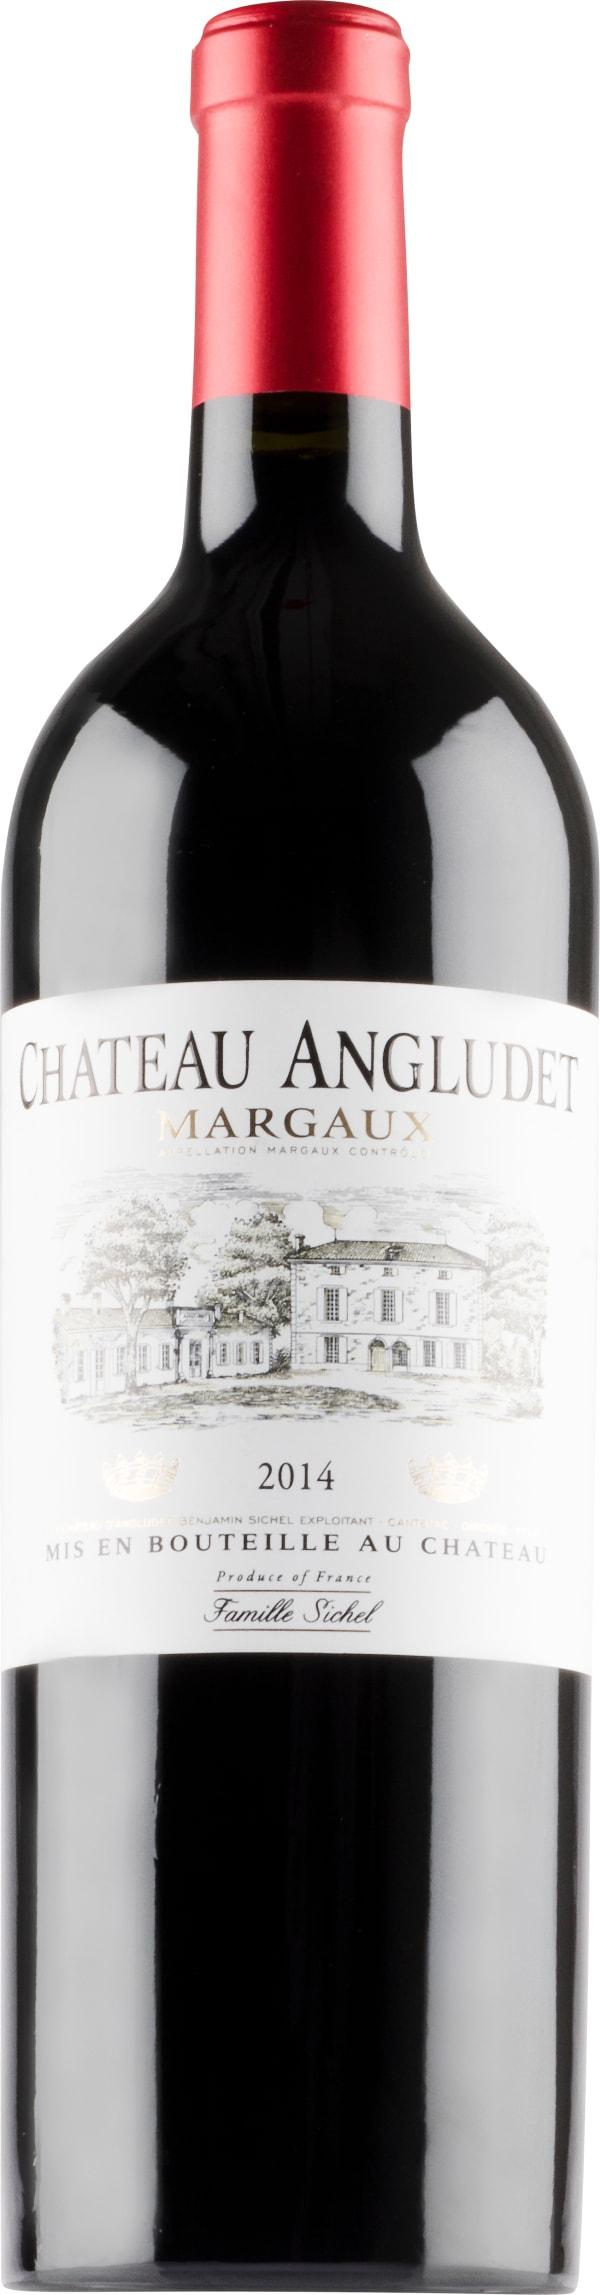 Château Angludet 2014